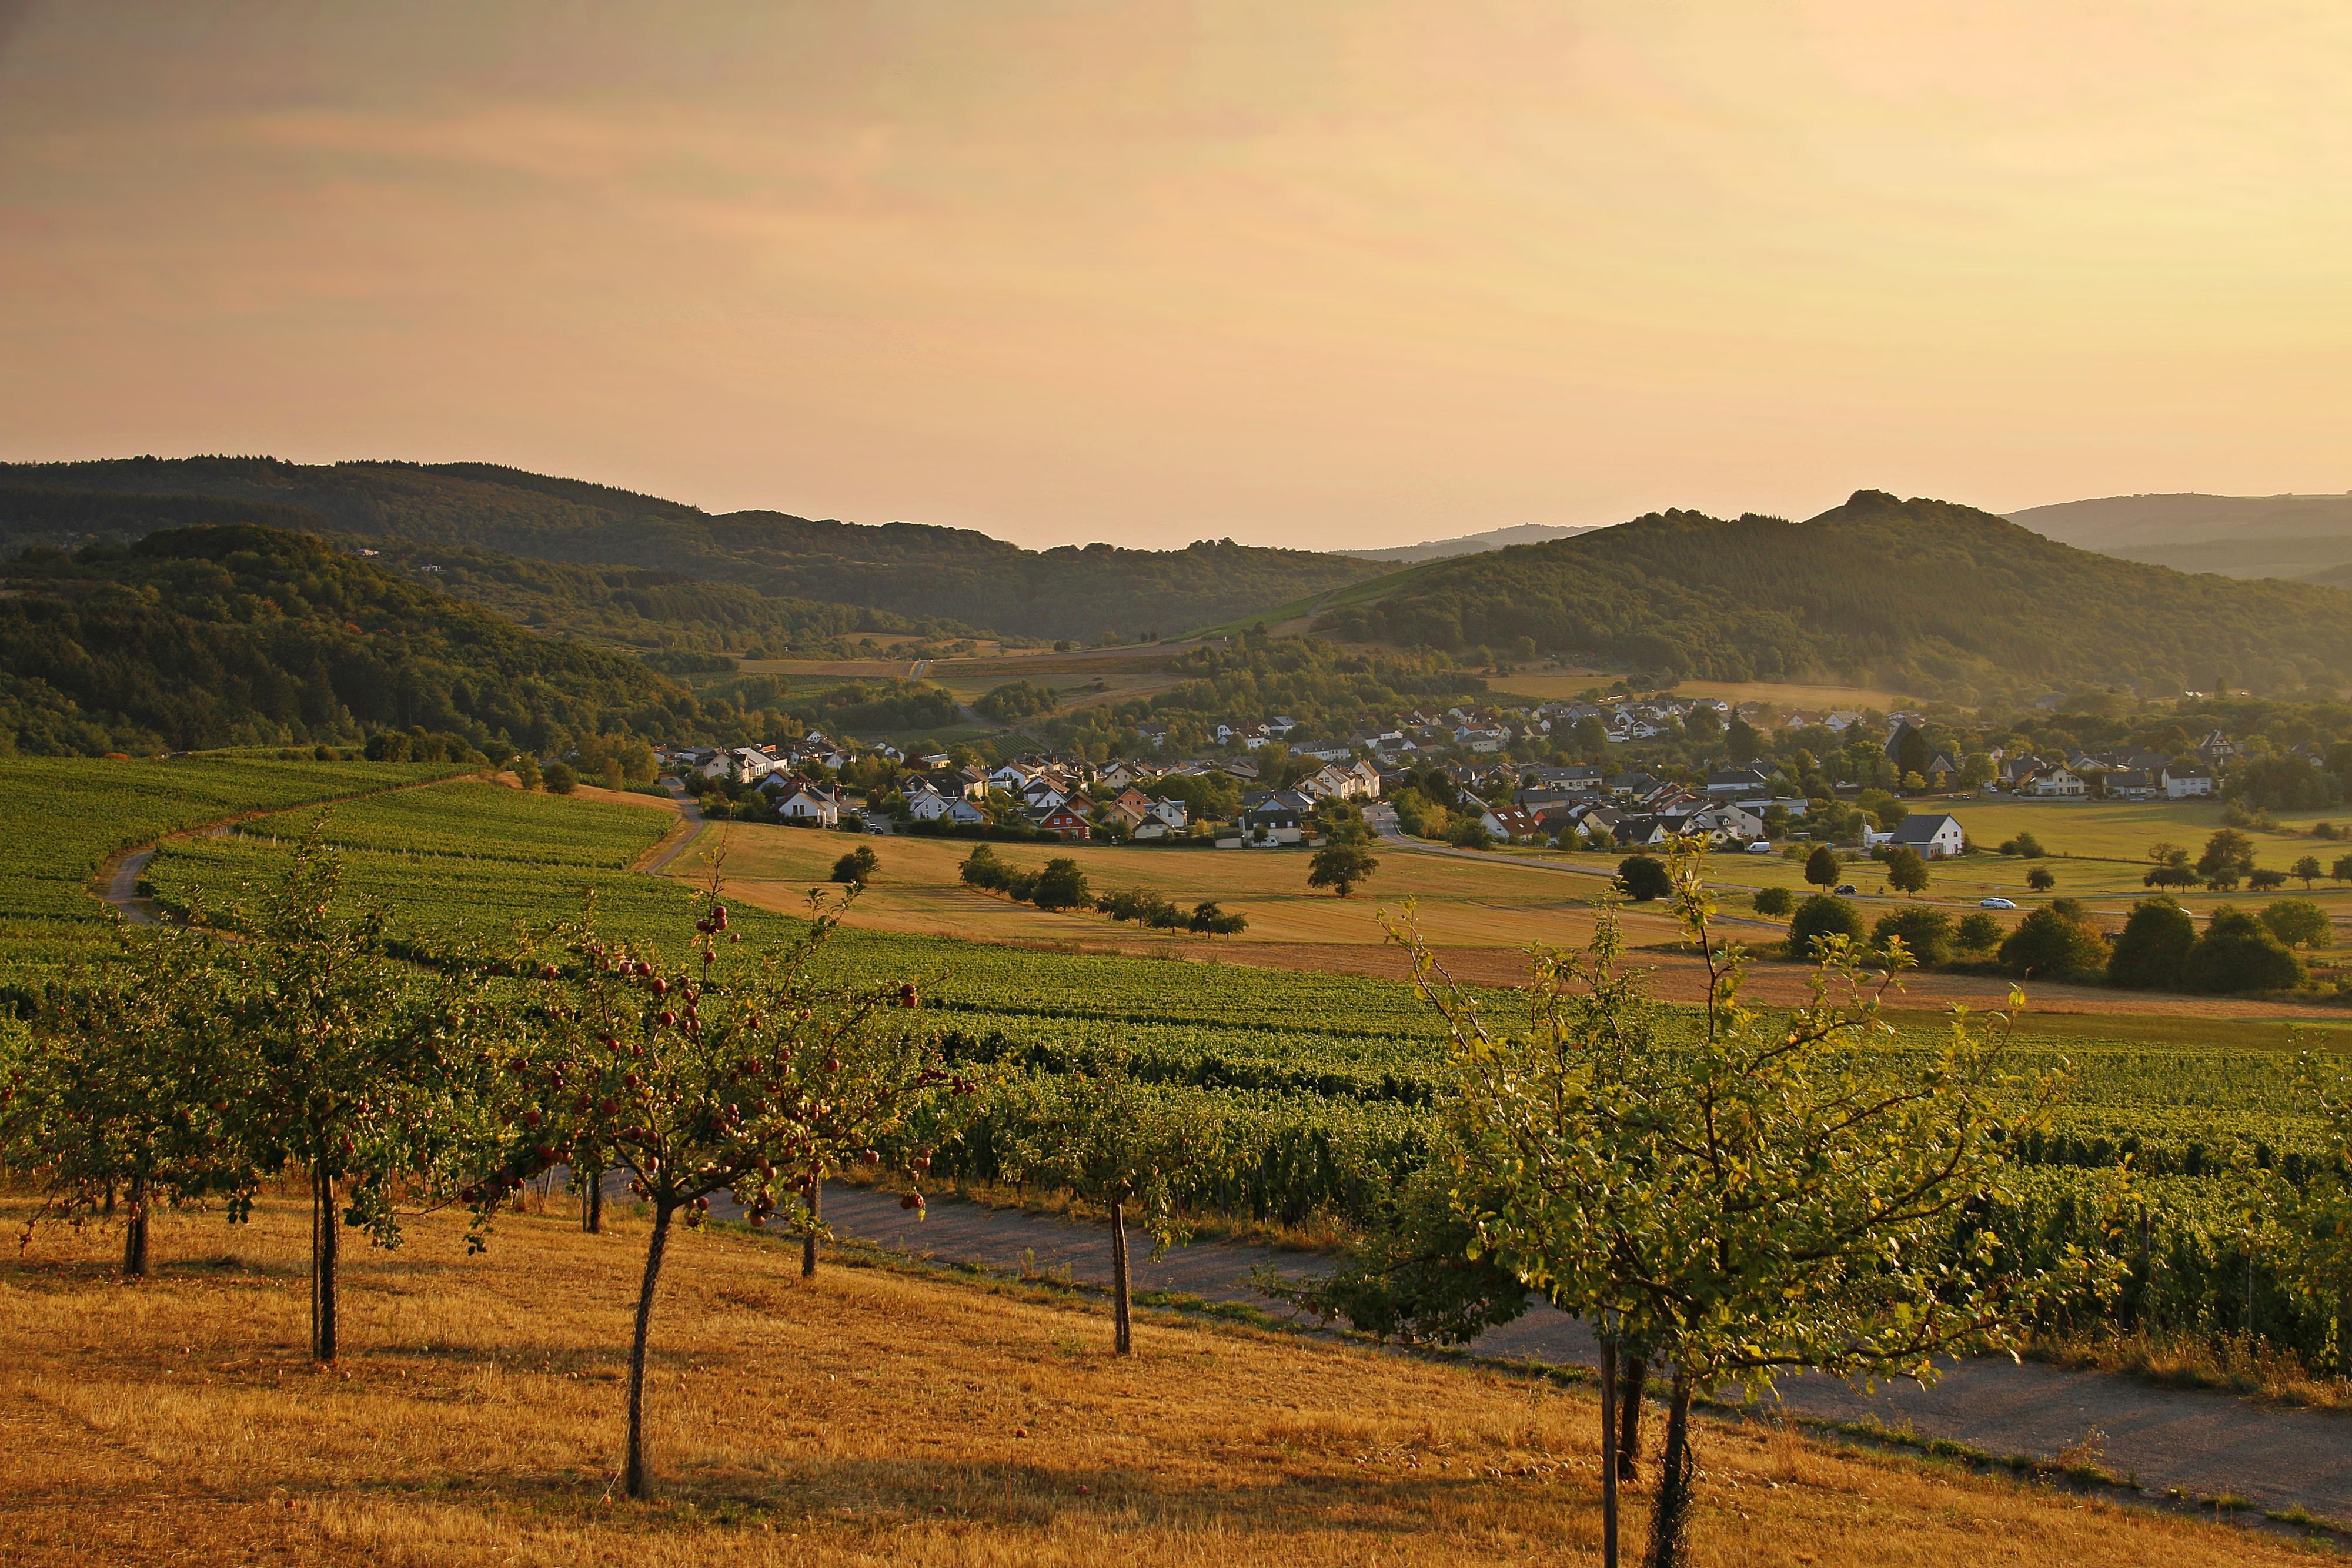 Schöne Landschaft mit Obstbäumen und Weinbergen in der Abendsonne, im Hintergrund eine Ortschaft